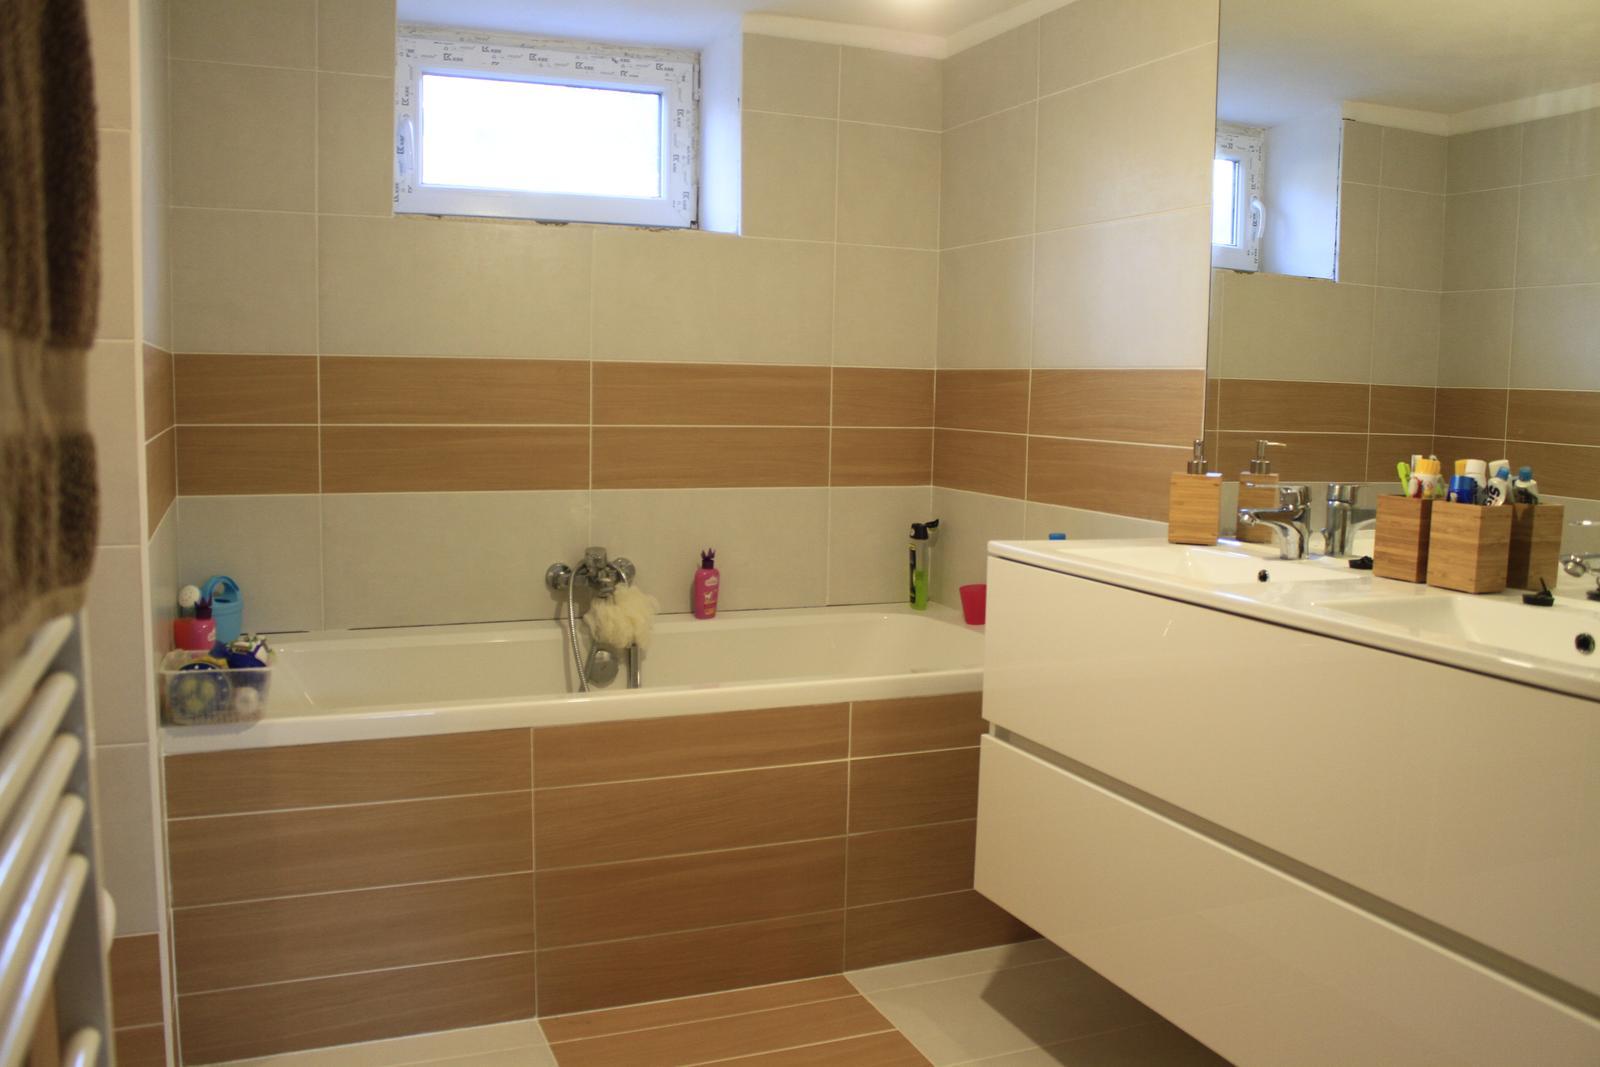 Naša rekonštrukcia - konečne hotová kúpeľňa... ostávajú také drobnosti ako svetlá, parapet a pod.